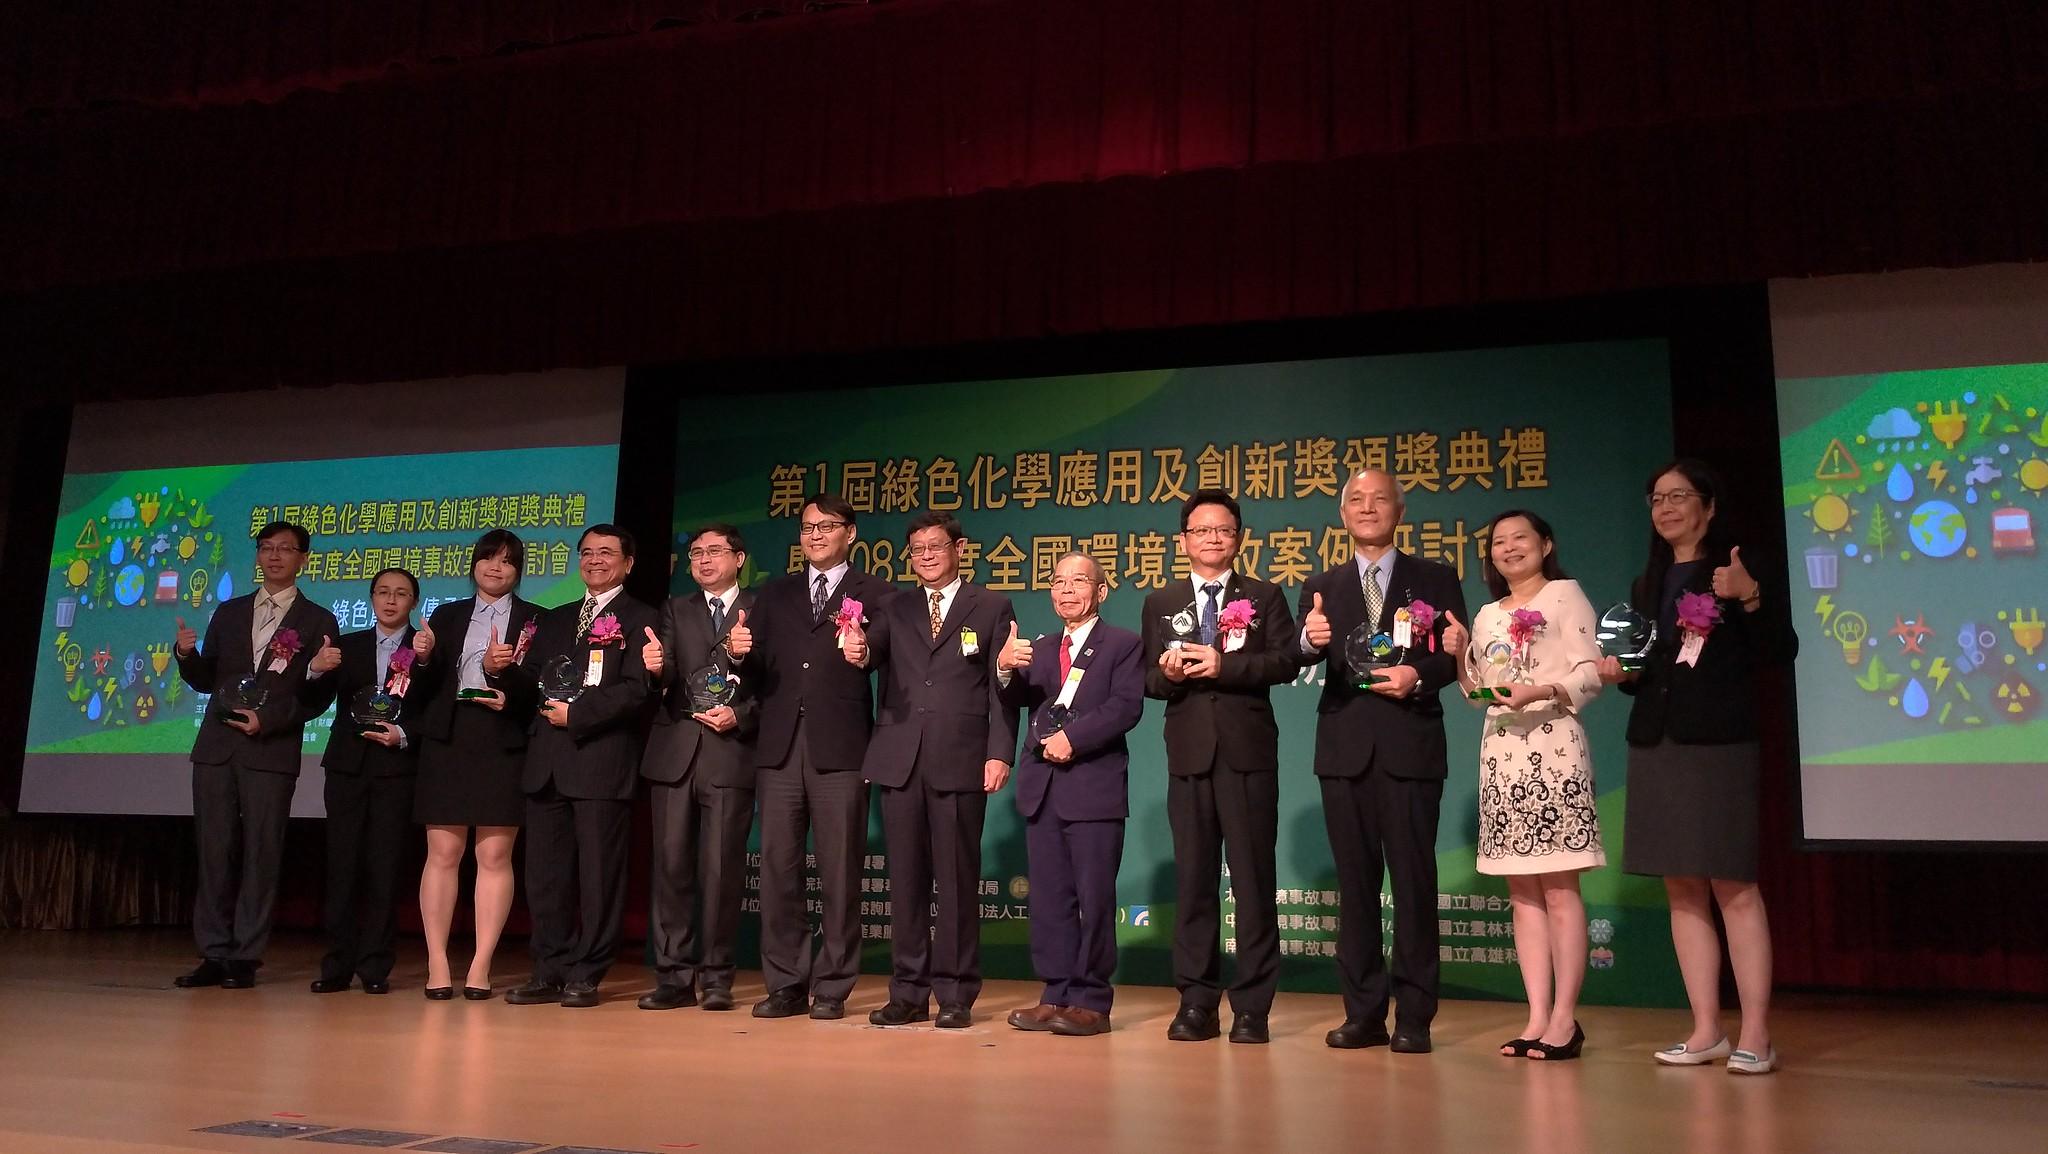 張子敬與第一屆綠色化學應用及創新獎個人組得獎者合影。孫文臨攝